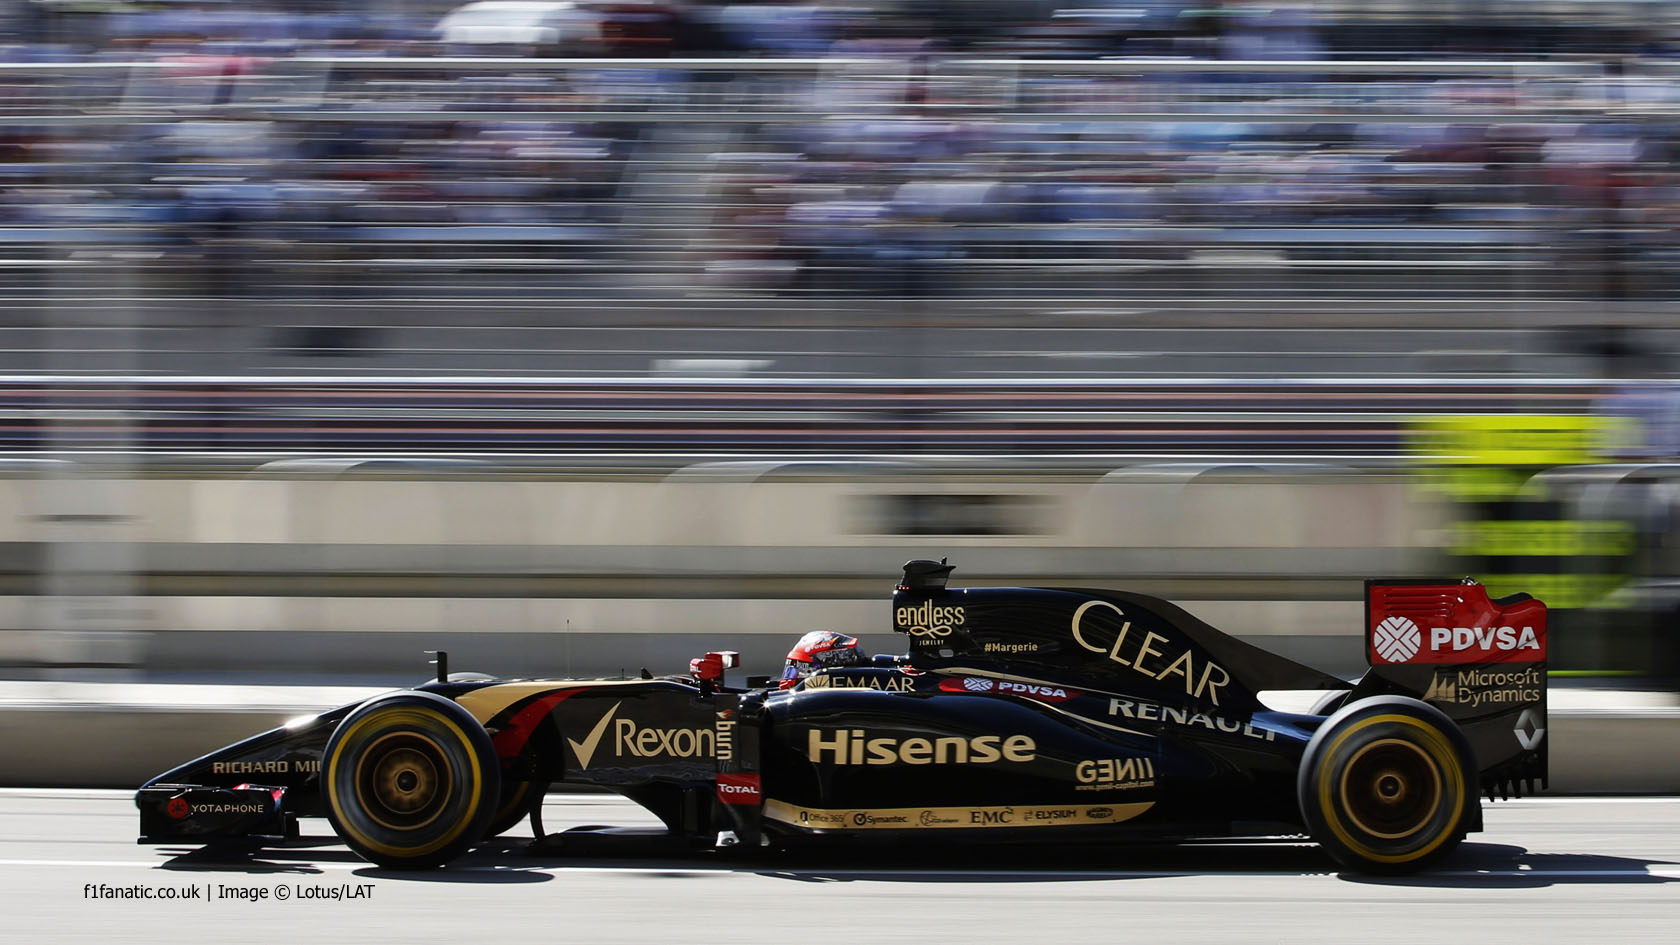 Romain Grosjean, Lotus, Circuit of the Americas, 2014